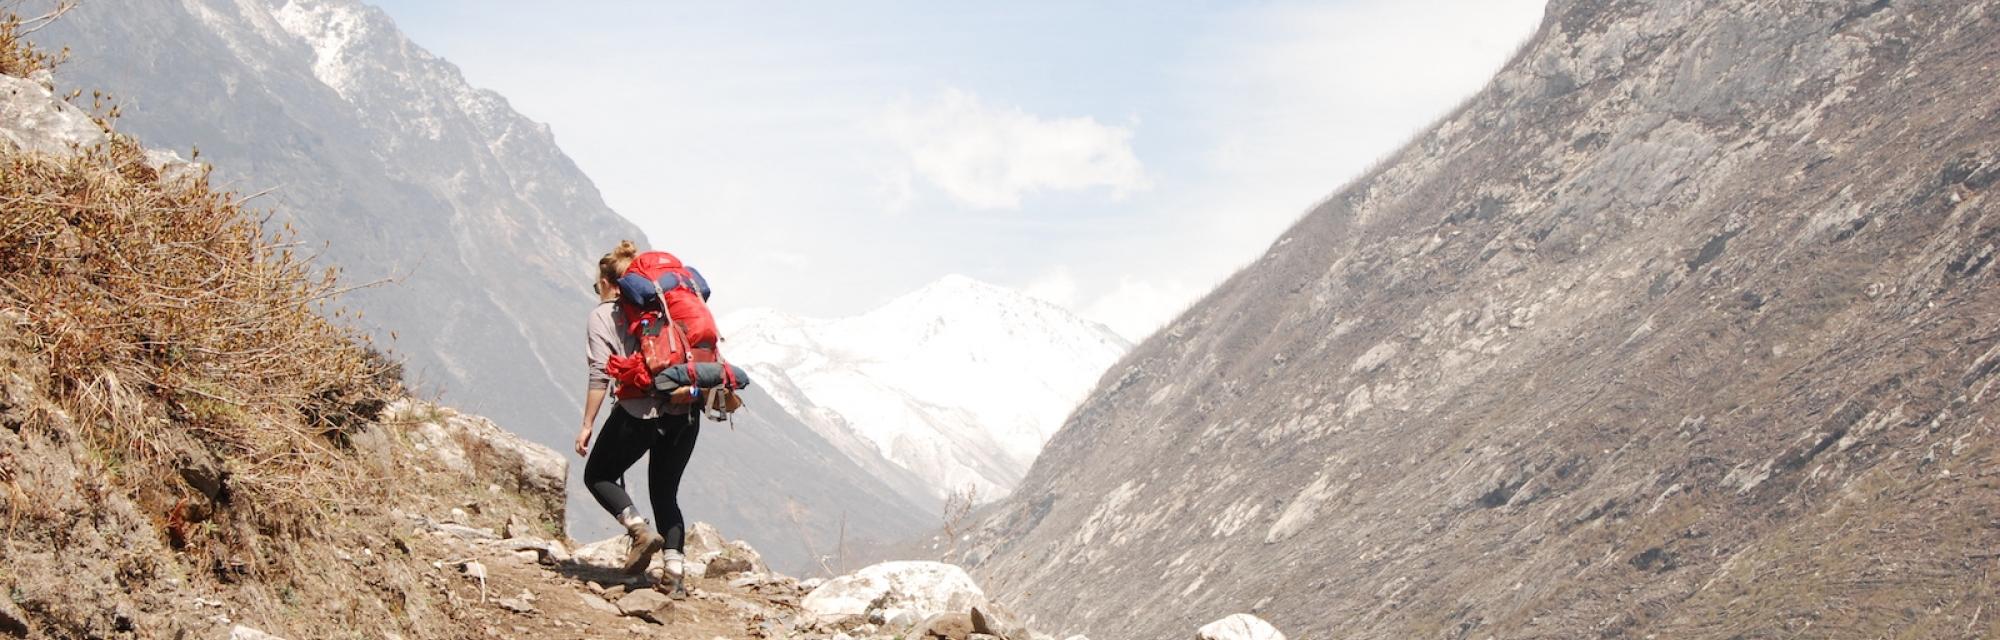 Eine Person beim Trecking in den Bergen Südasiens